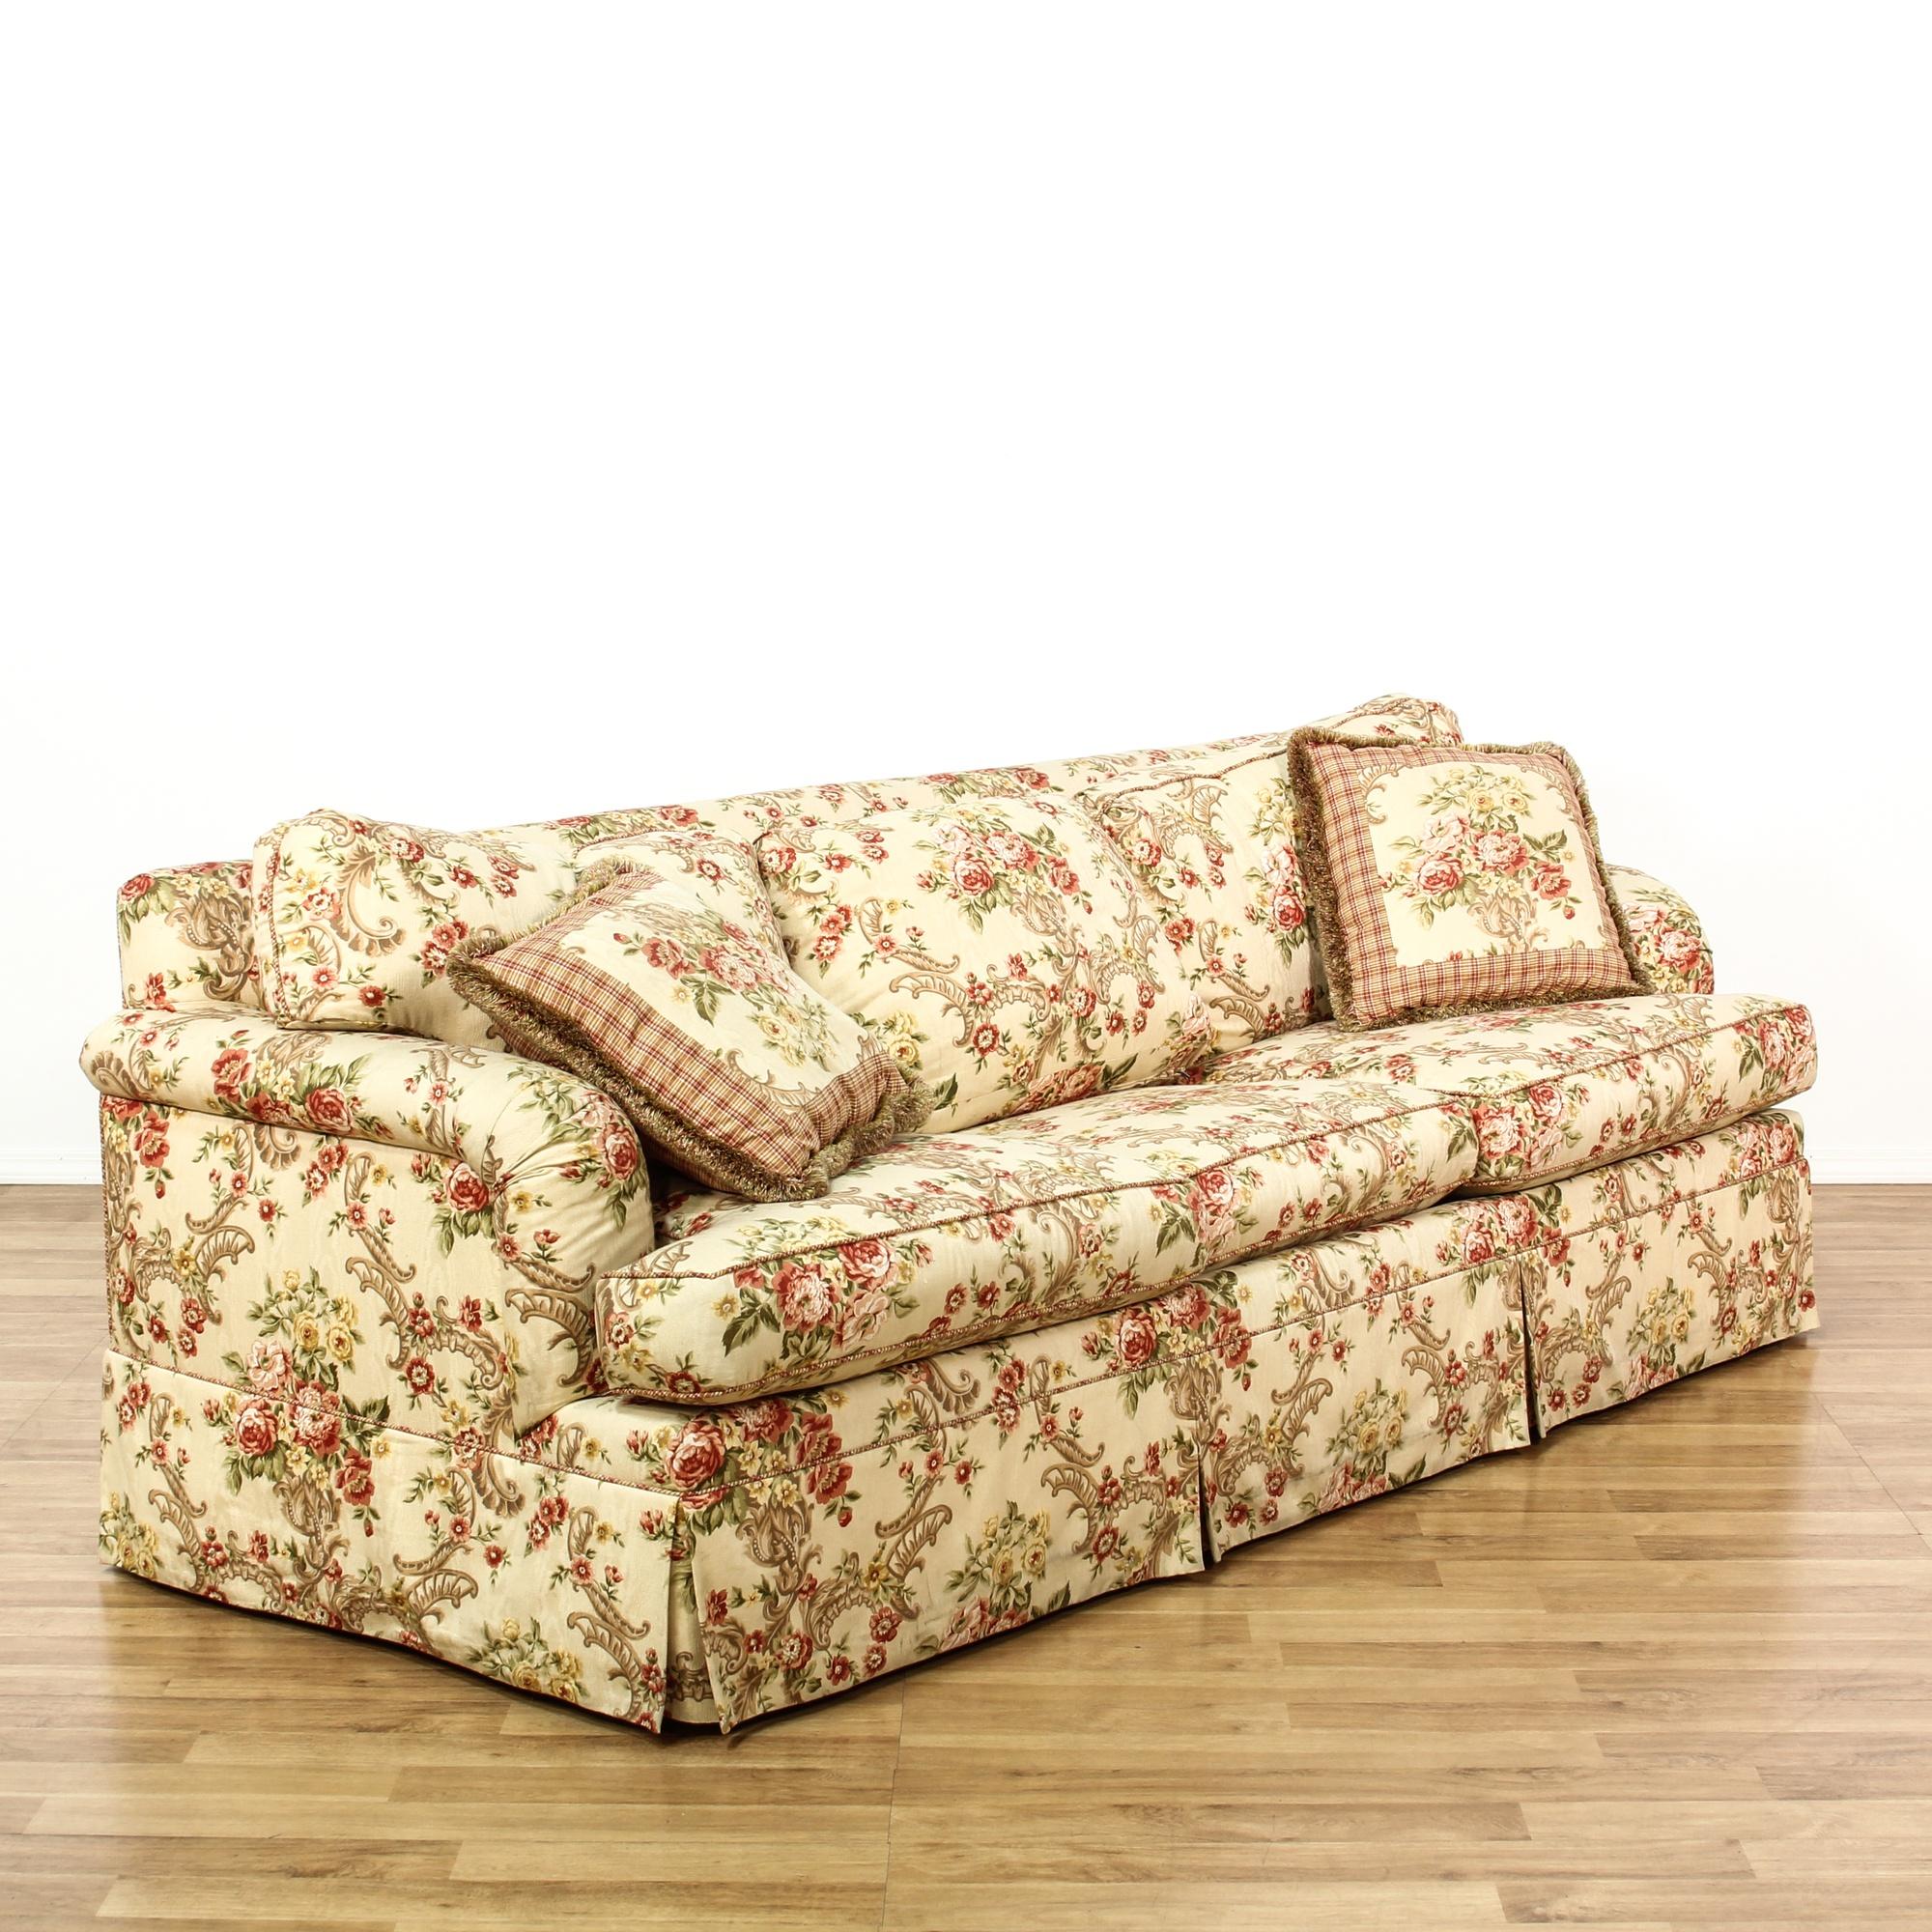 Floral Upholstered Sleeper Sofa Bed Loveseat Vintage